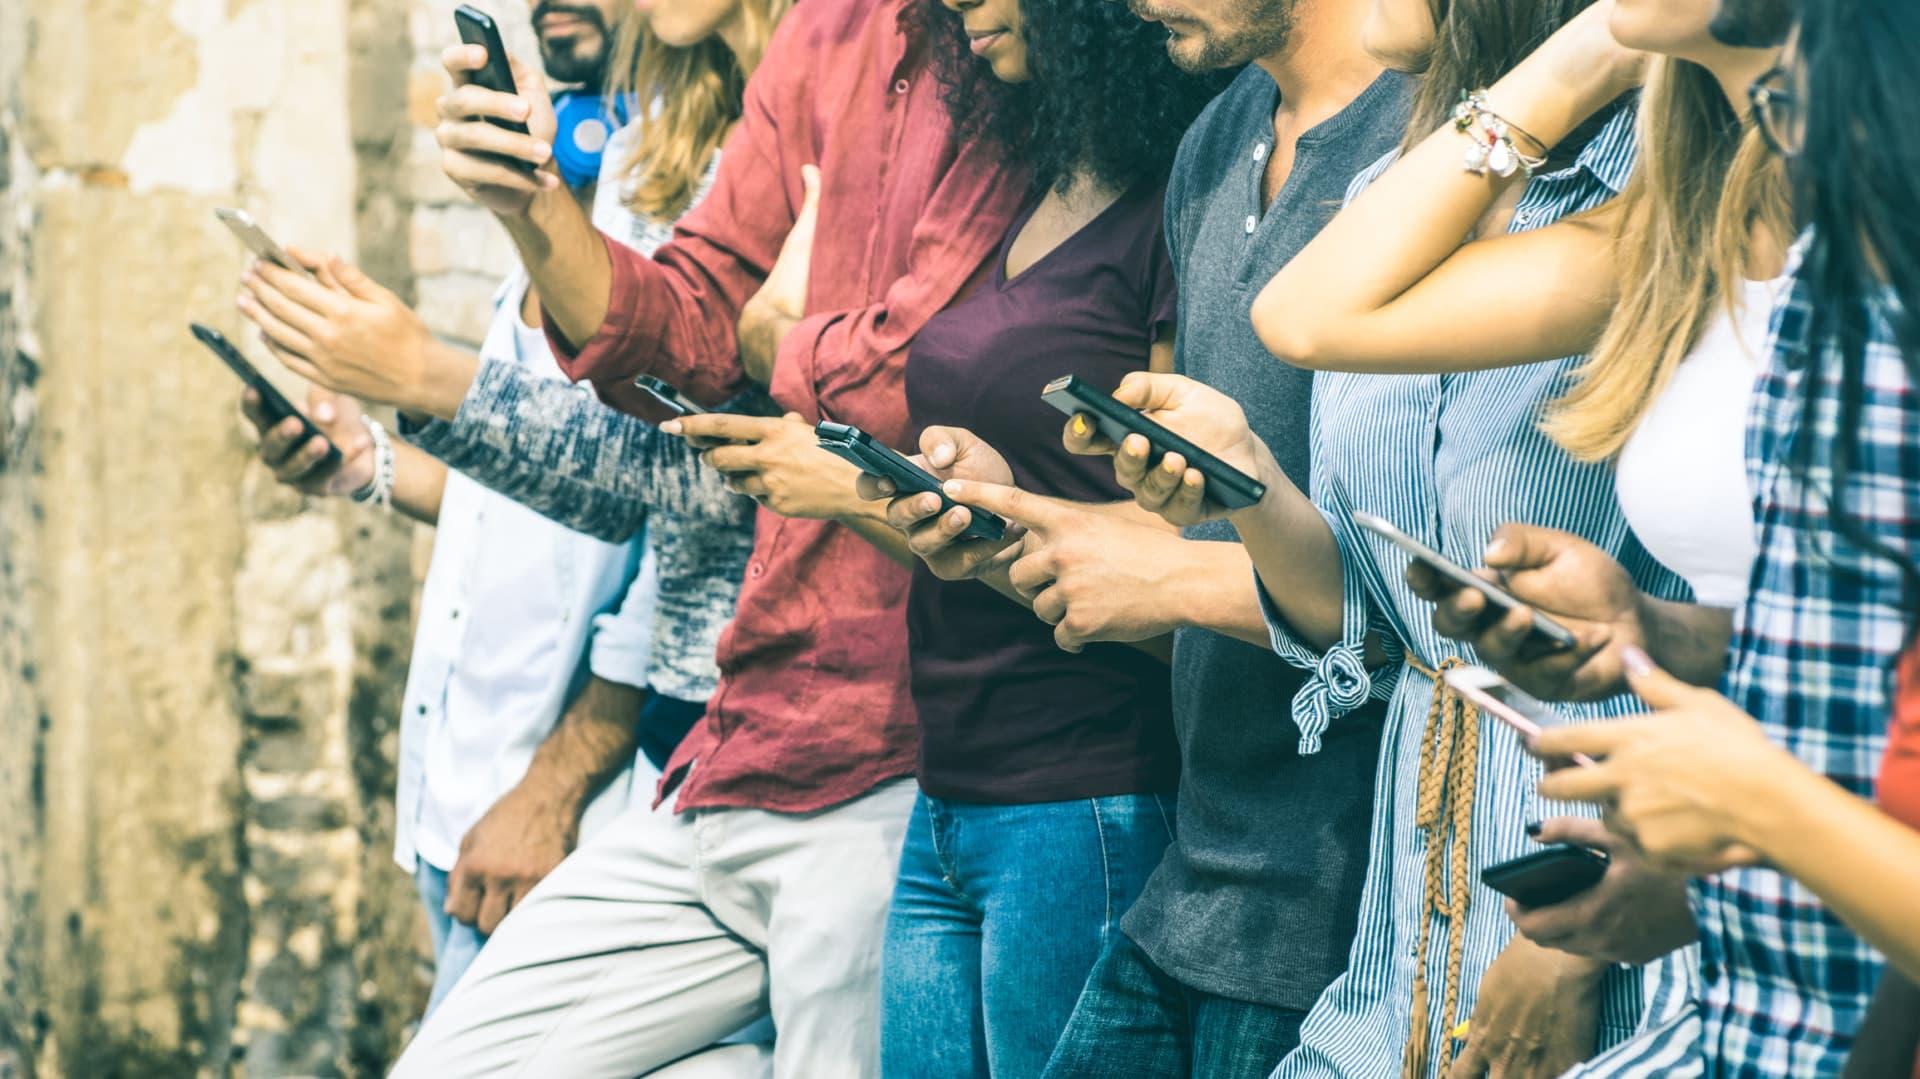 Подростки, которые ограничивают время просмотра экрана, имеют лучшее психическое здоровье